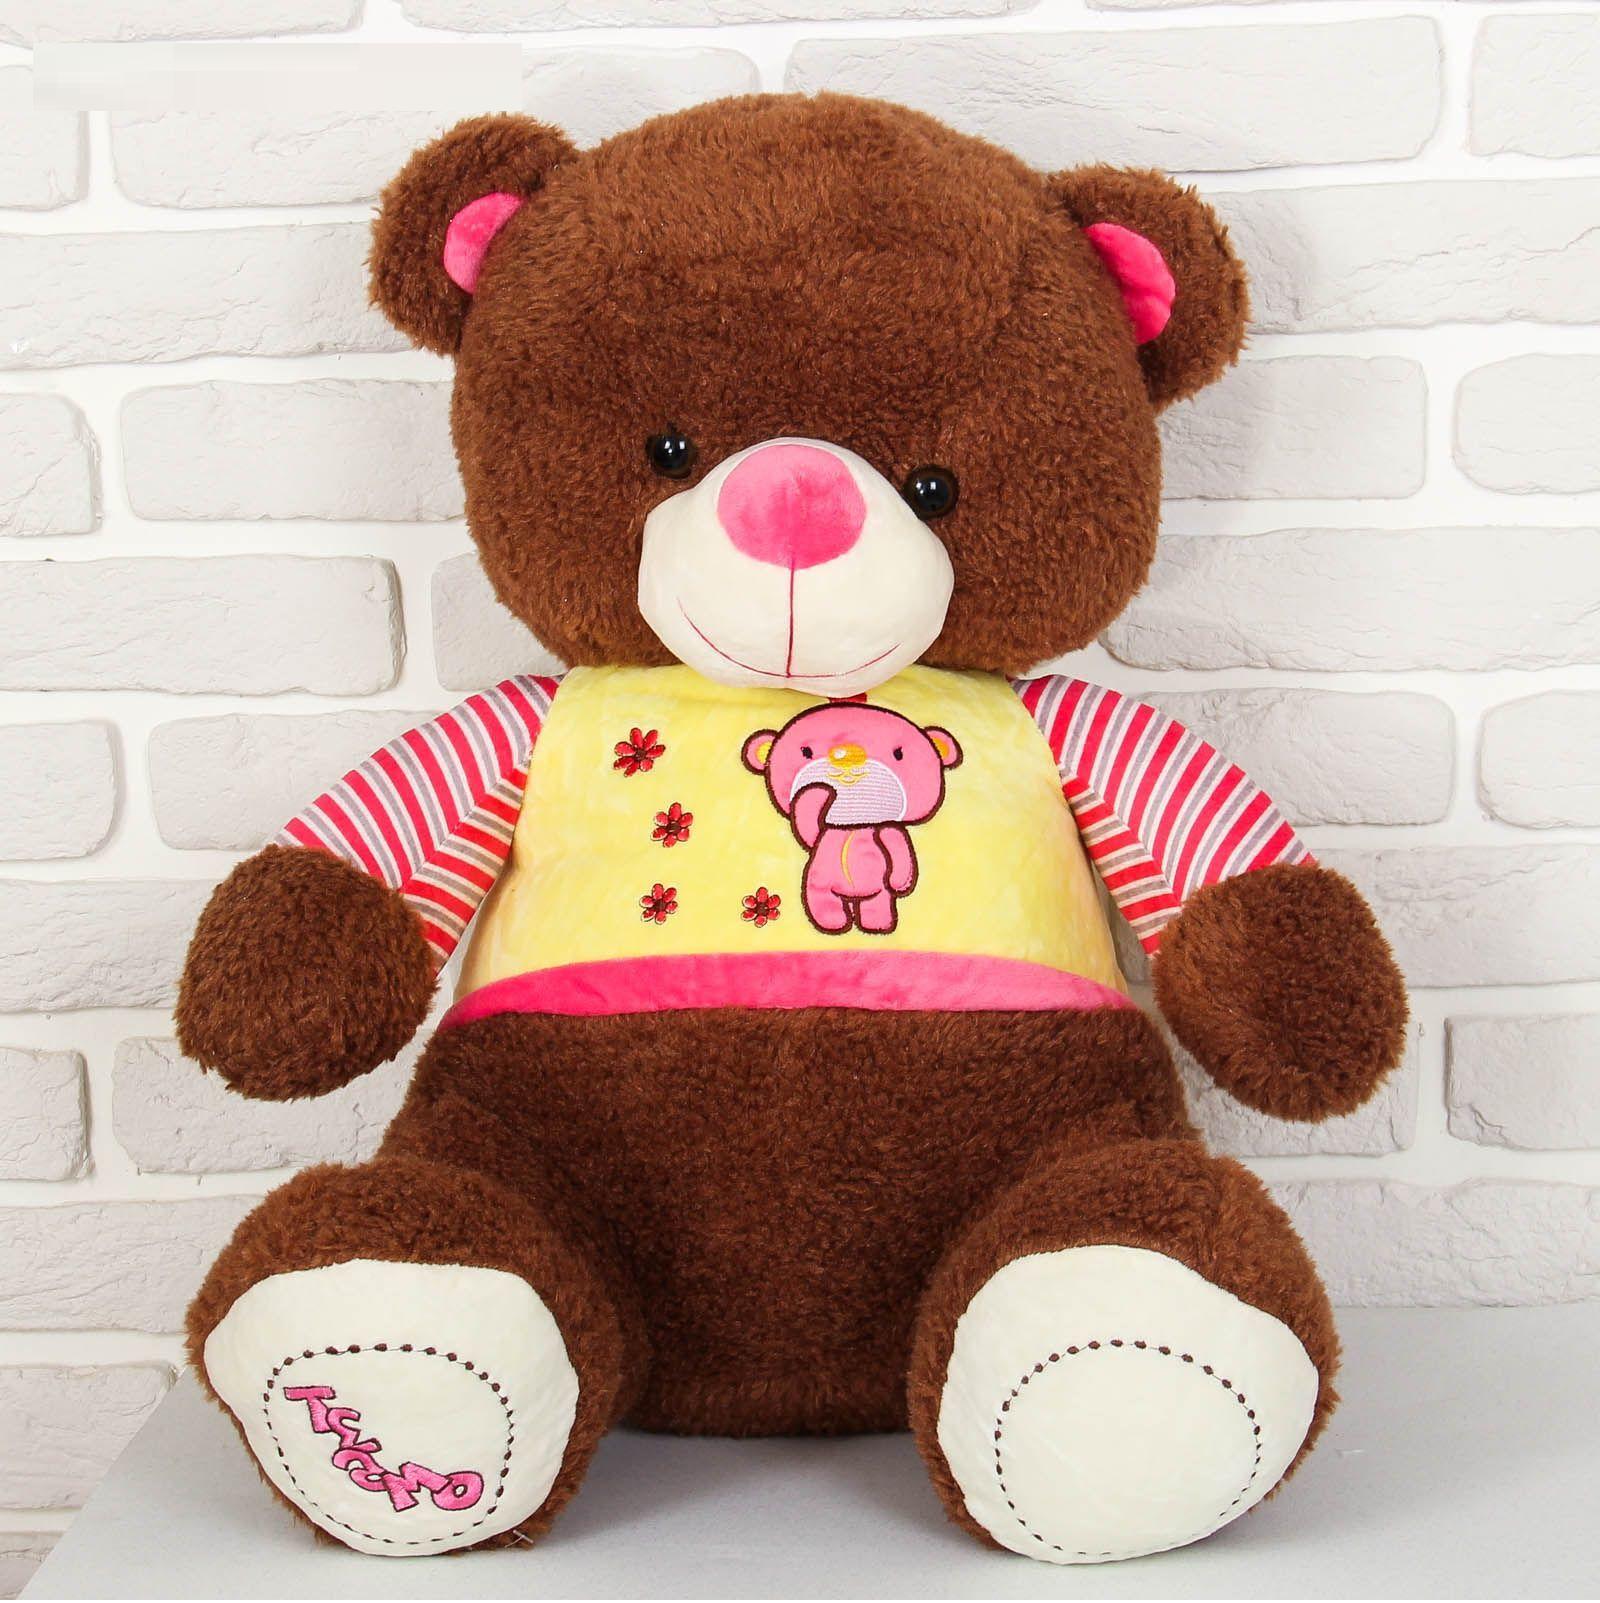 фотографии игрушек медведь рекламных блоков